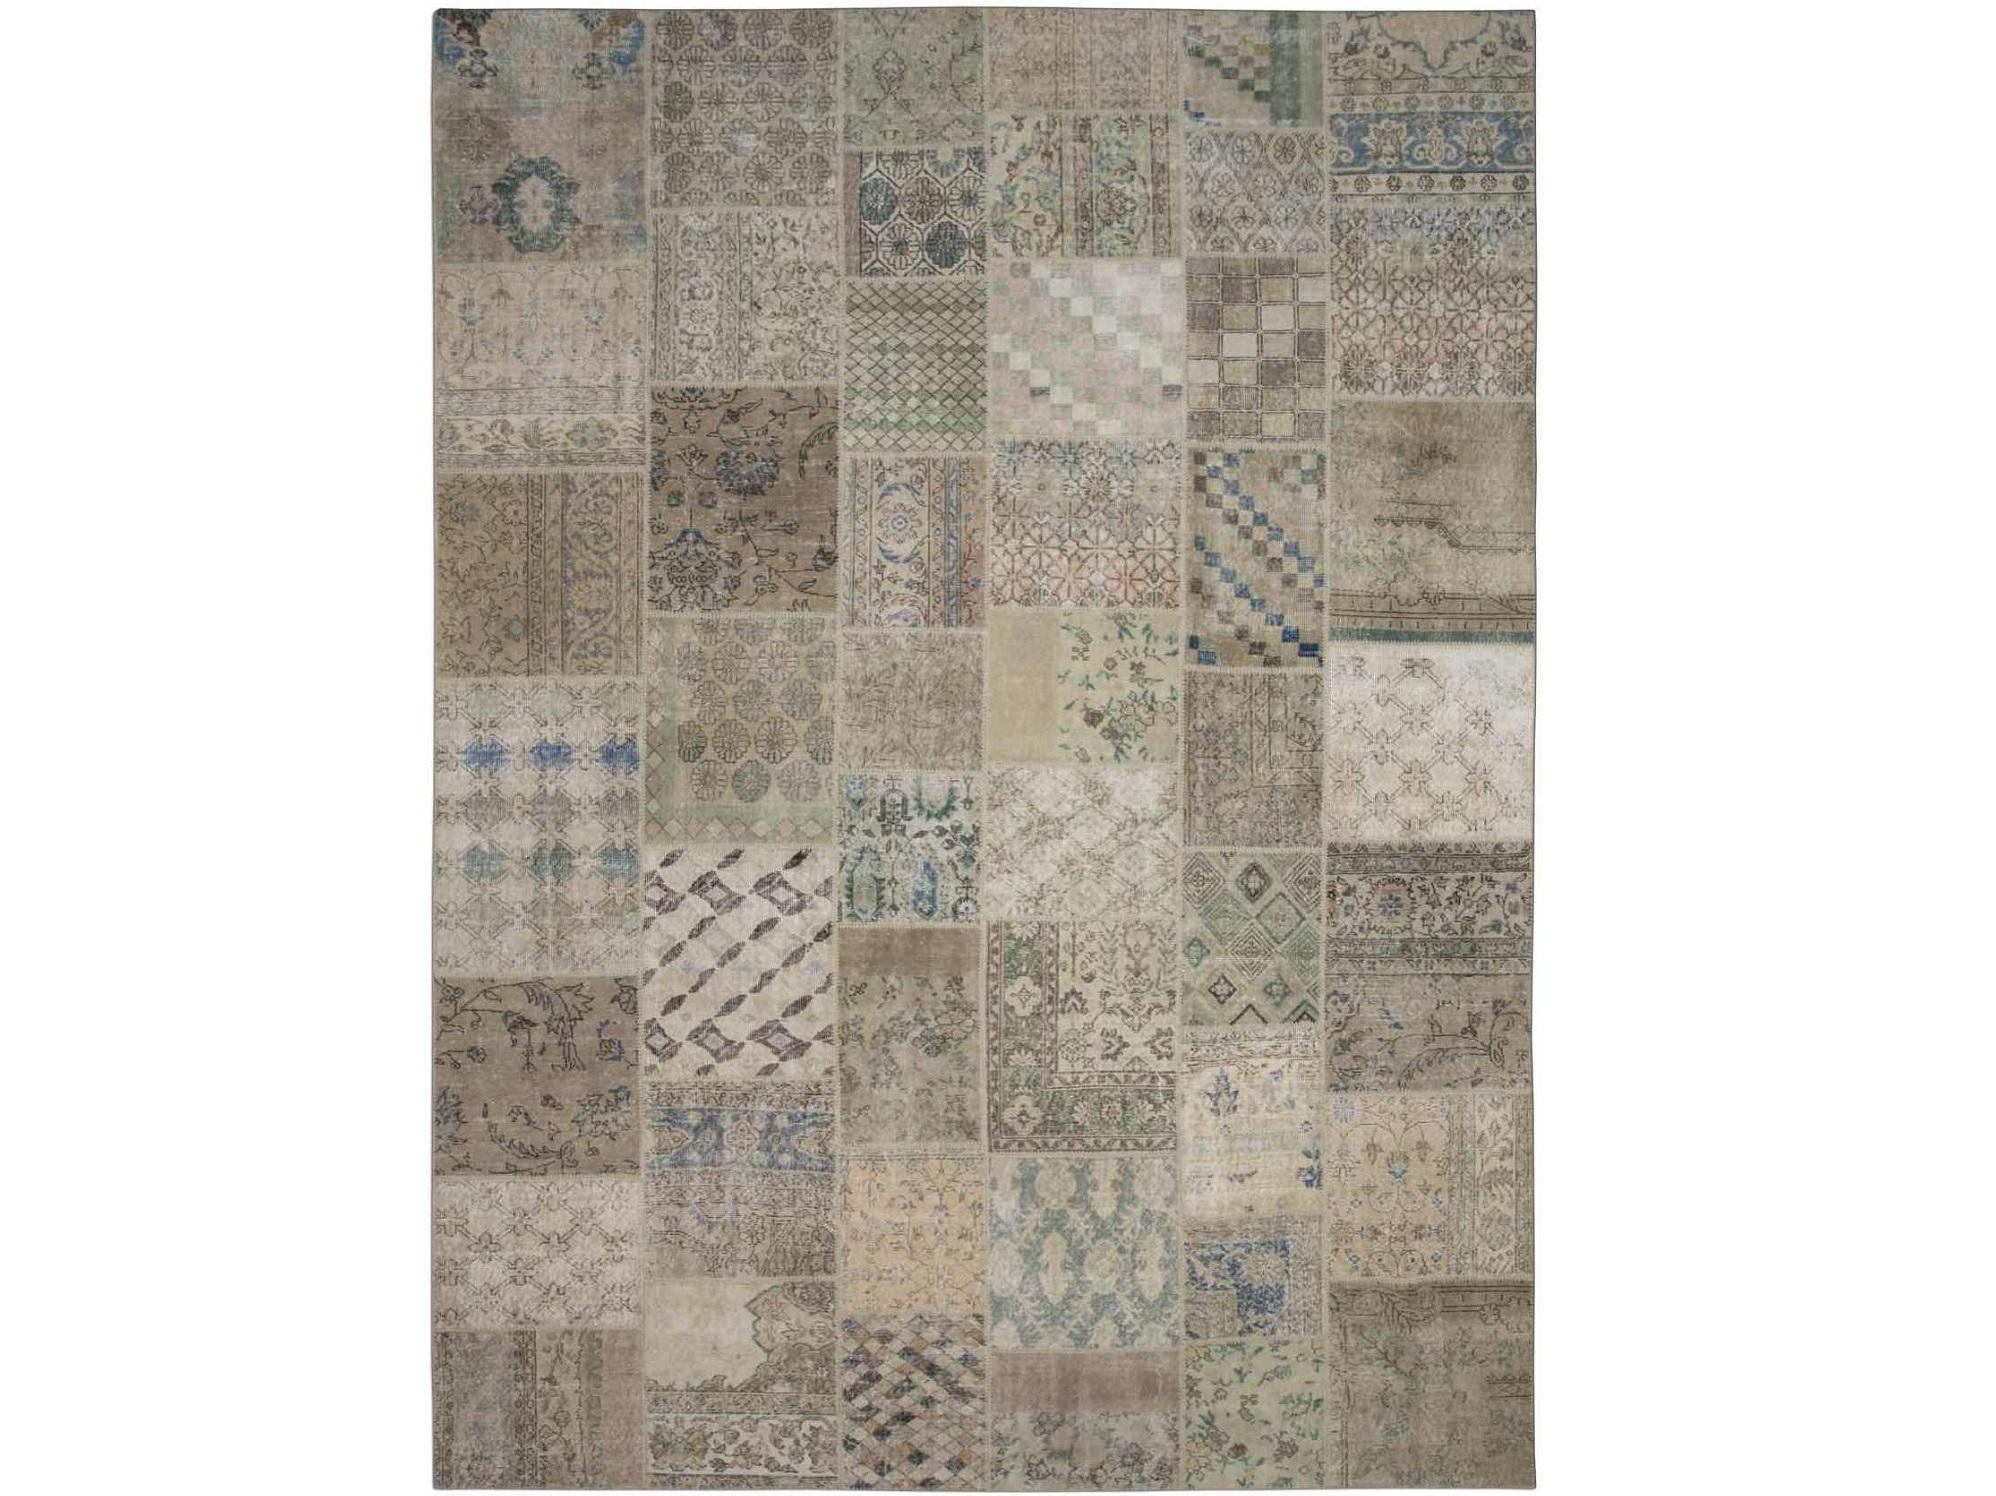 Ковер PatchworkПрямоугольные ковры<br>Винтажный ковер ручной работы в стиле &amp;quot;пэчворк&amp;quot; из 100% шерсти. Ковер прекрасно подходит в любые современные и классические интерьеры, а благодаря толщине ковра всего 5 мм и отсутствию&amp;amp;nbsp; ворса, его легко чистить любыми видами пылесосов. Этот настоящий ковер ручной работы не потеряет своих красок и будет служить десятилетия.<br><br>Material: Шерсть<br>Ширина см: 304<br>Глубина см: 408